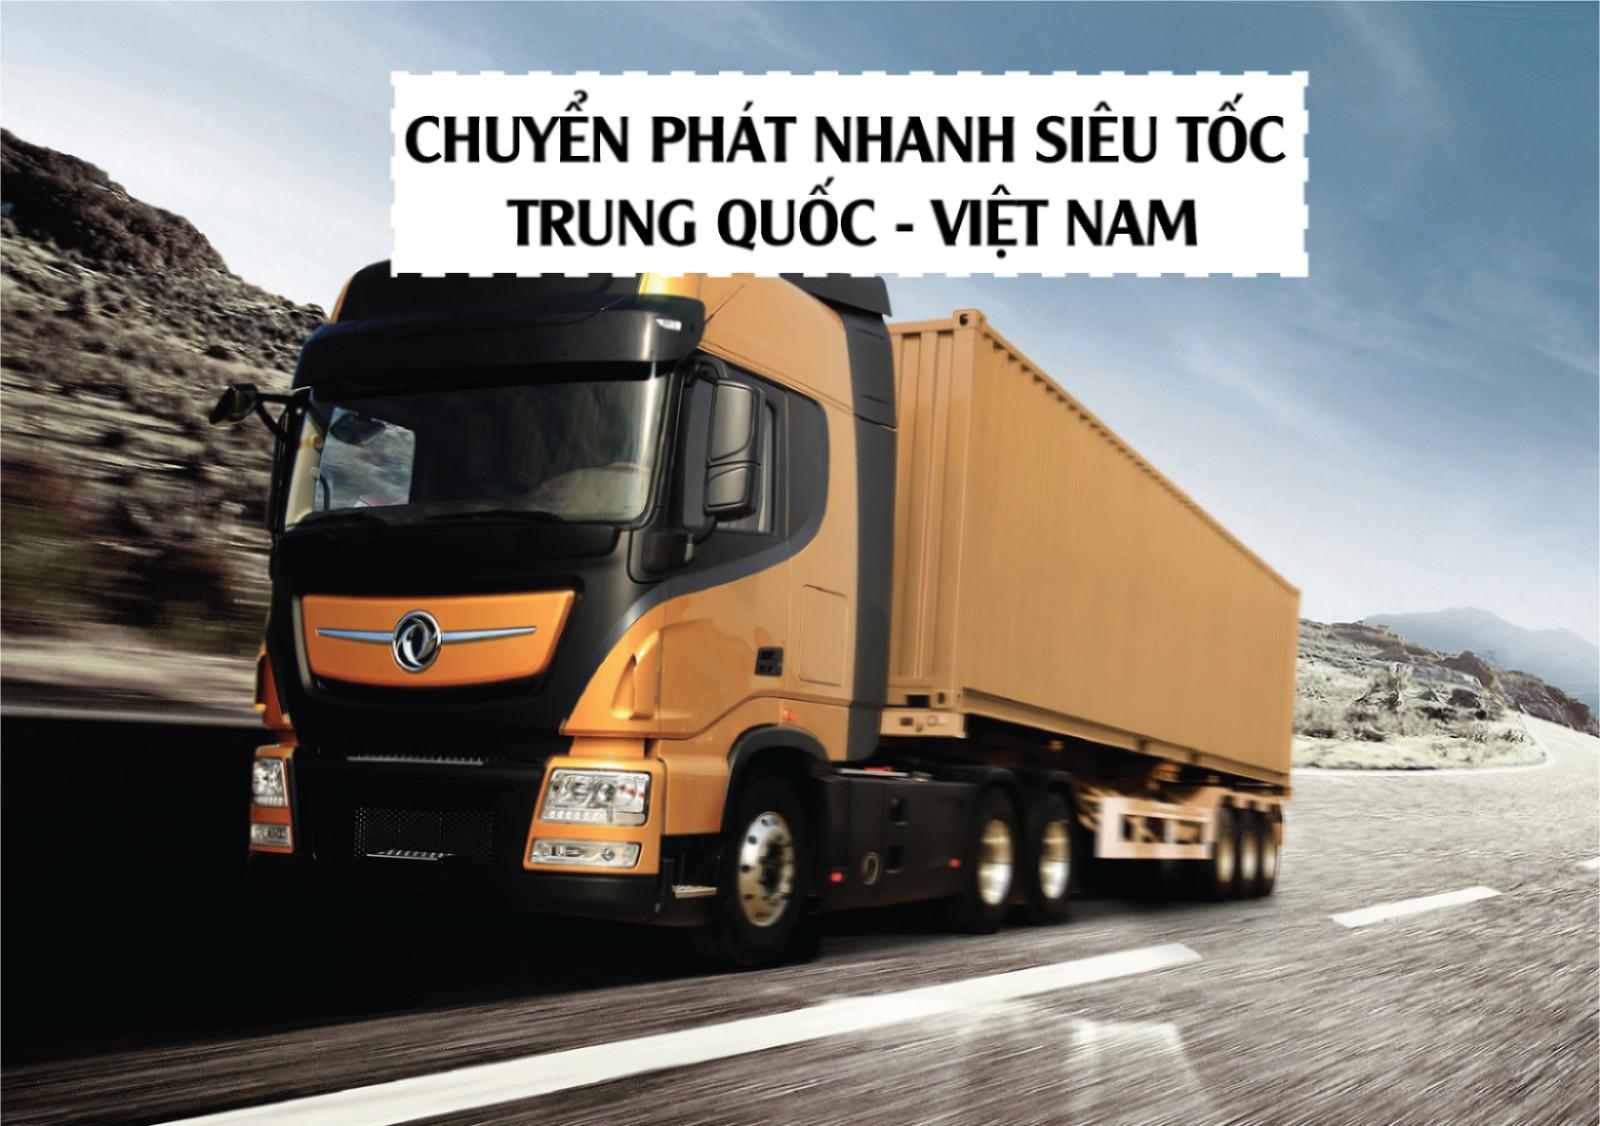 Ưu điểm của dịch vụ chuyển phát nhanh Trung Quốc Việt Nam